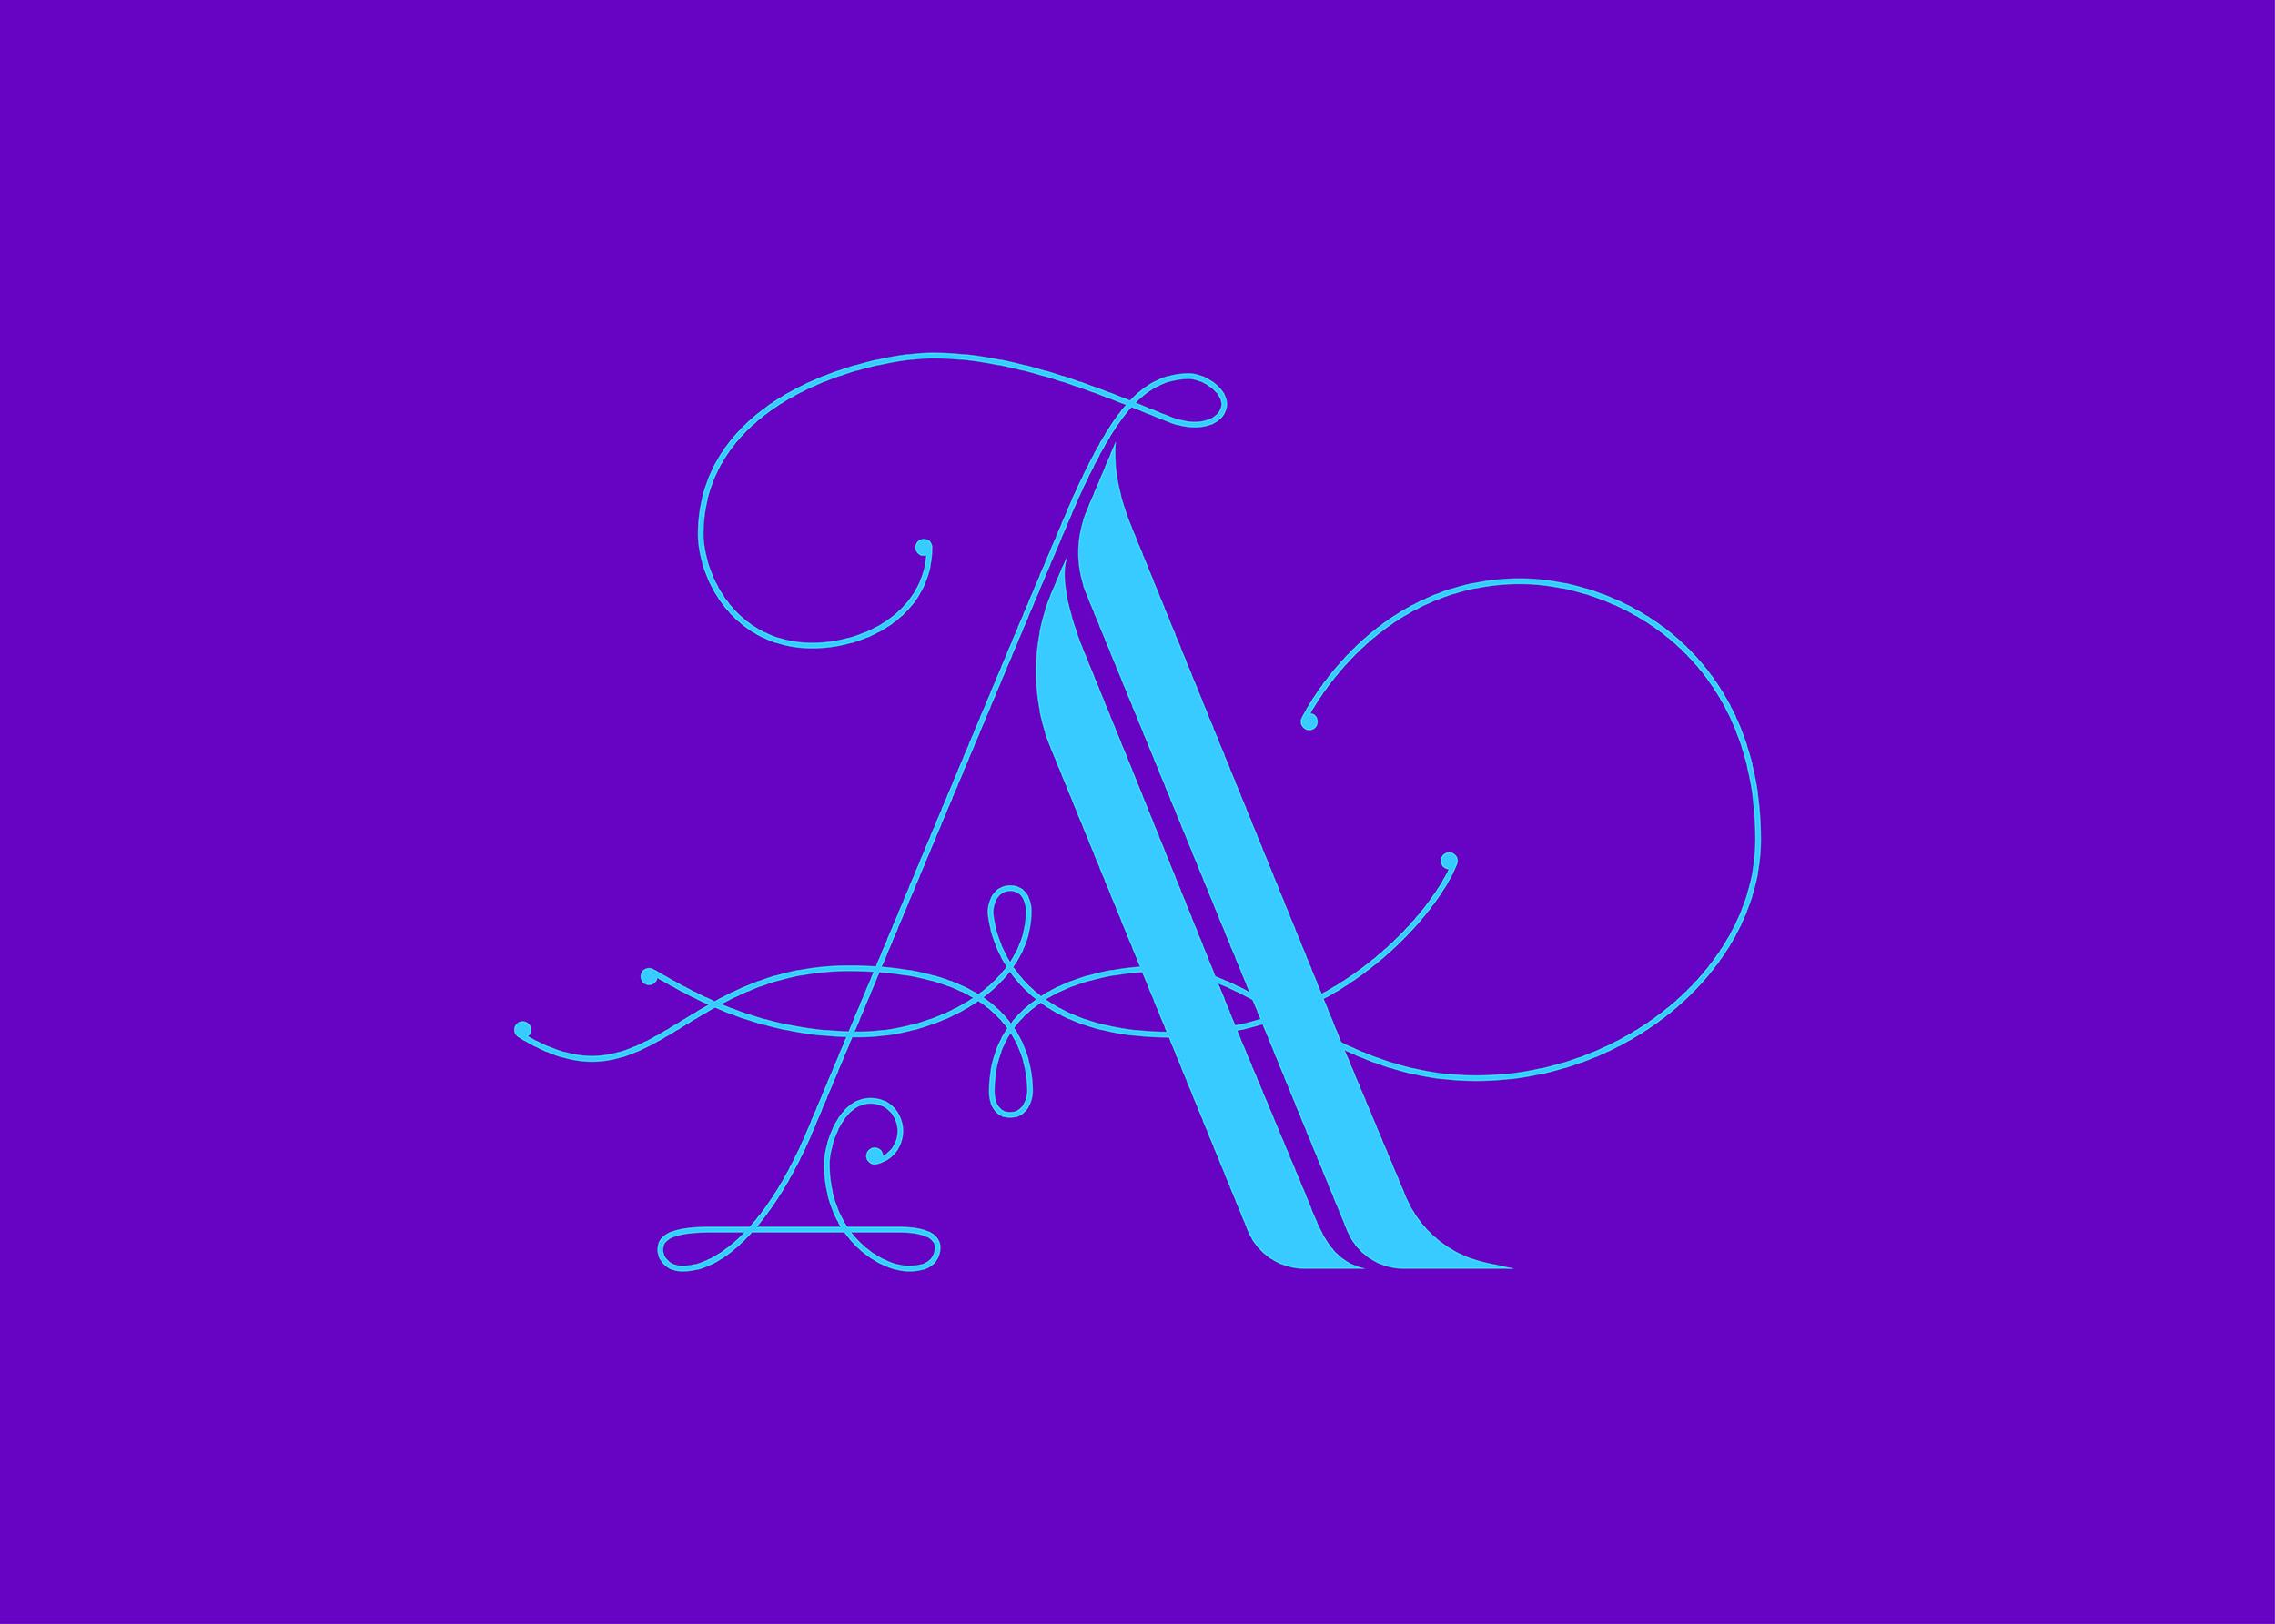 Alphabet Soup - A